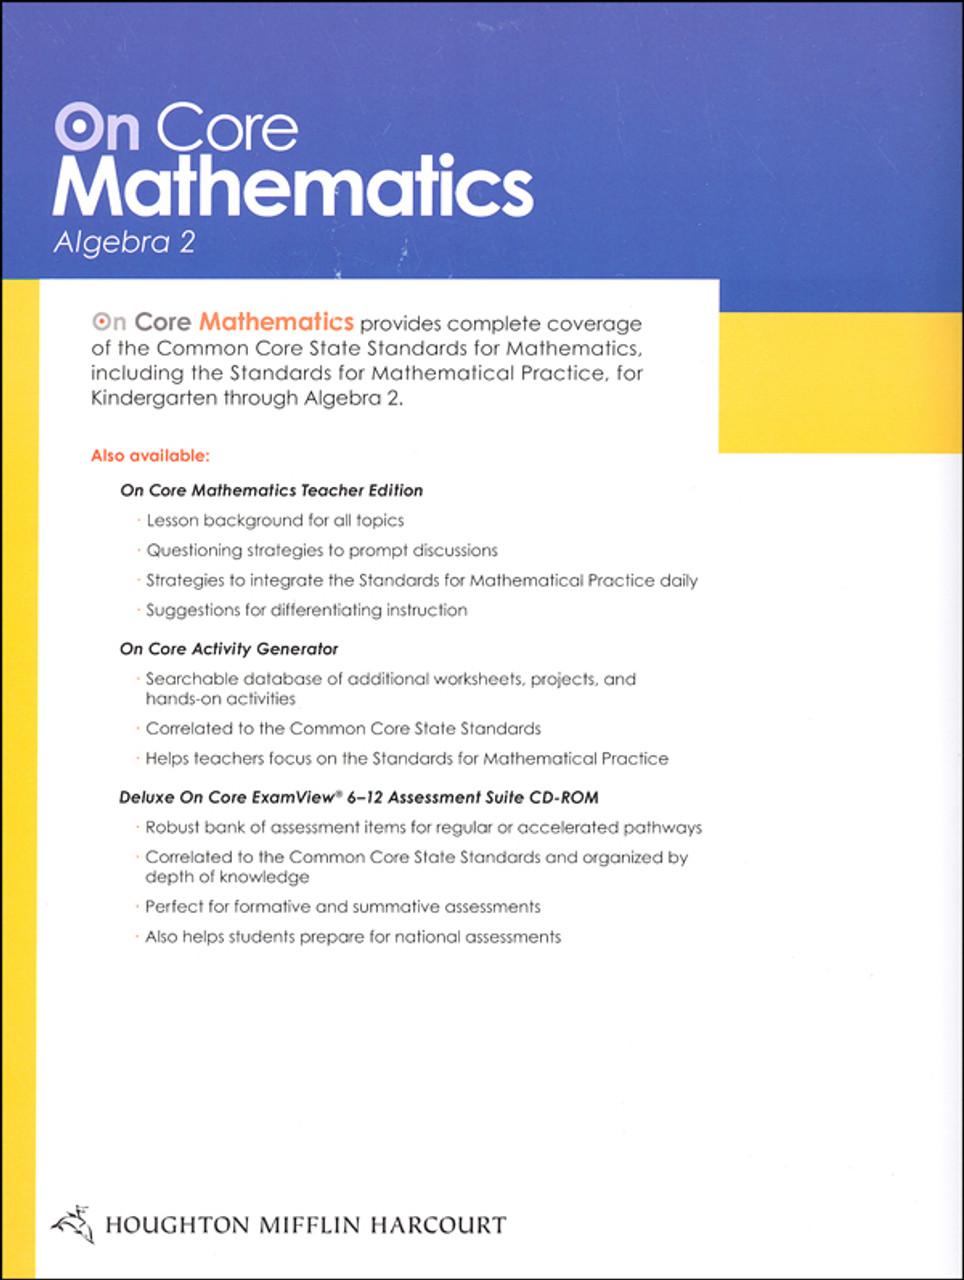 On Core Math - Houghton Mifflin Harcourt - Grade 9-12 Algebra 2 Student  Worktext - Classroom Resource Center [ 1280 x 964 Pixel ]